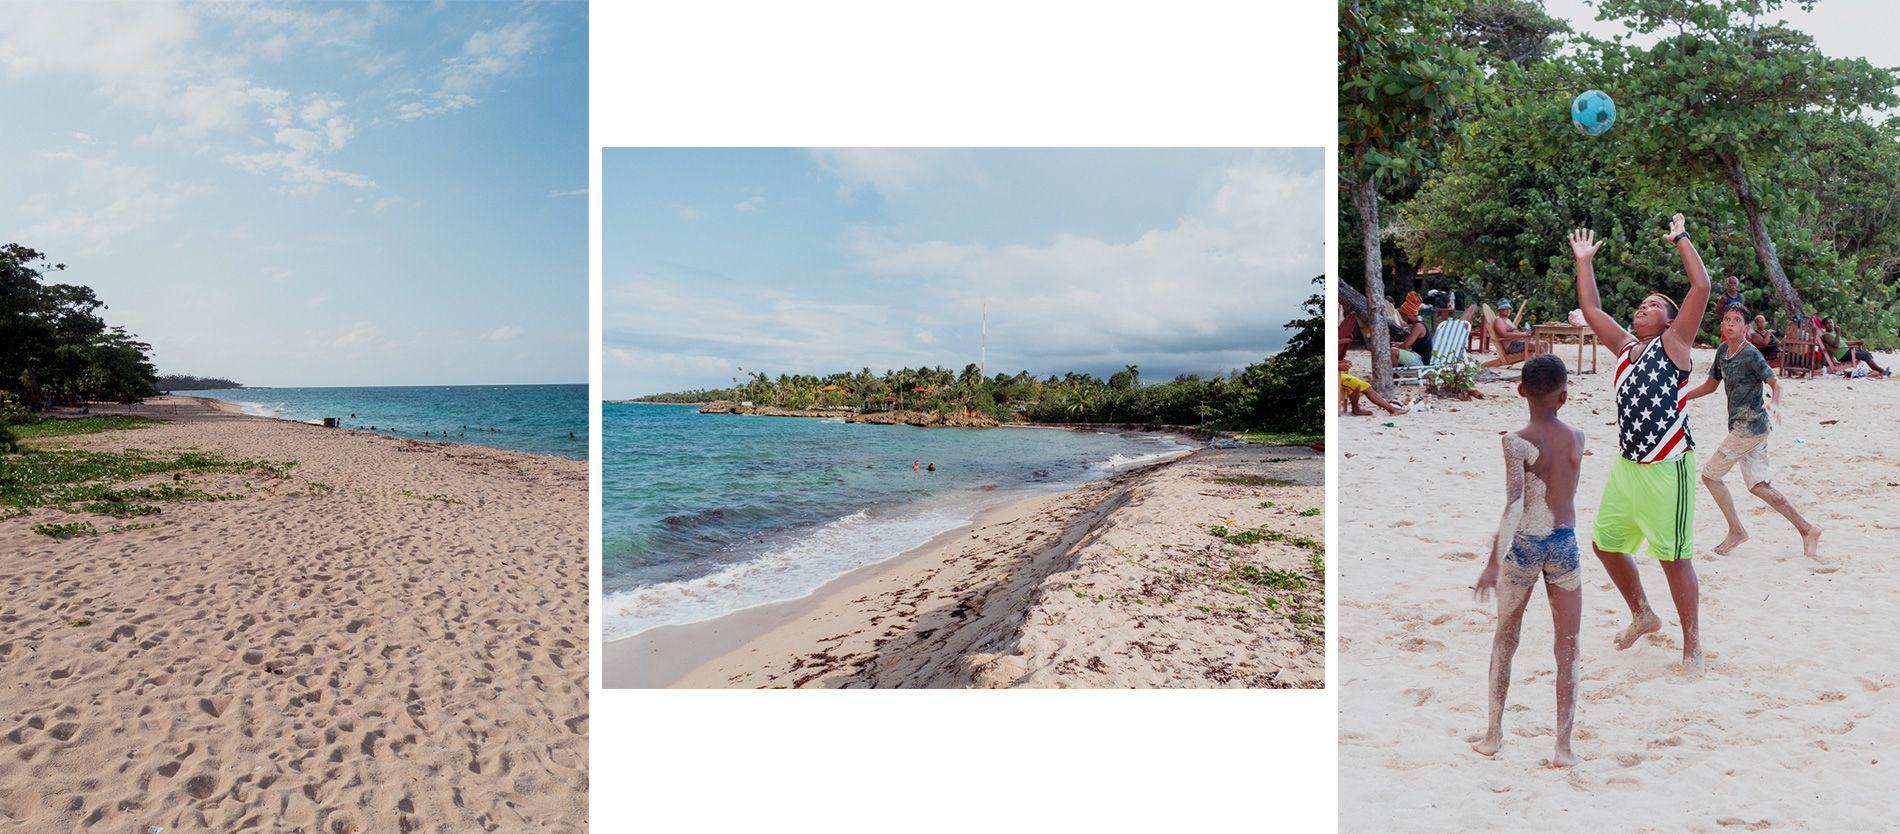 Cuba | Baracoa |Plage